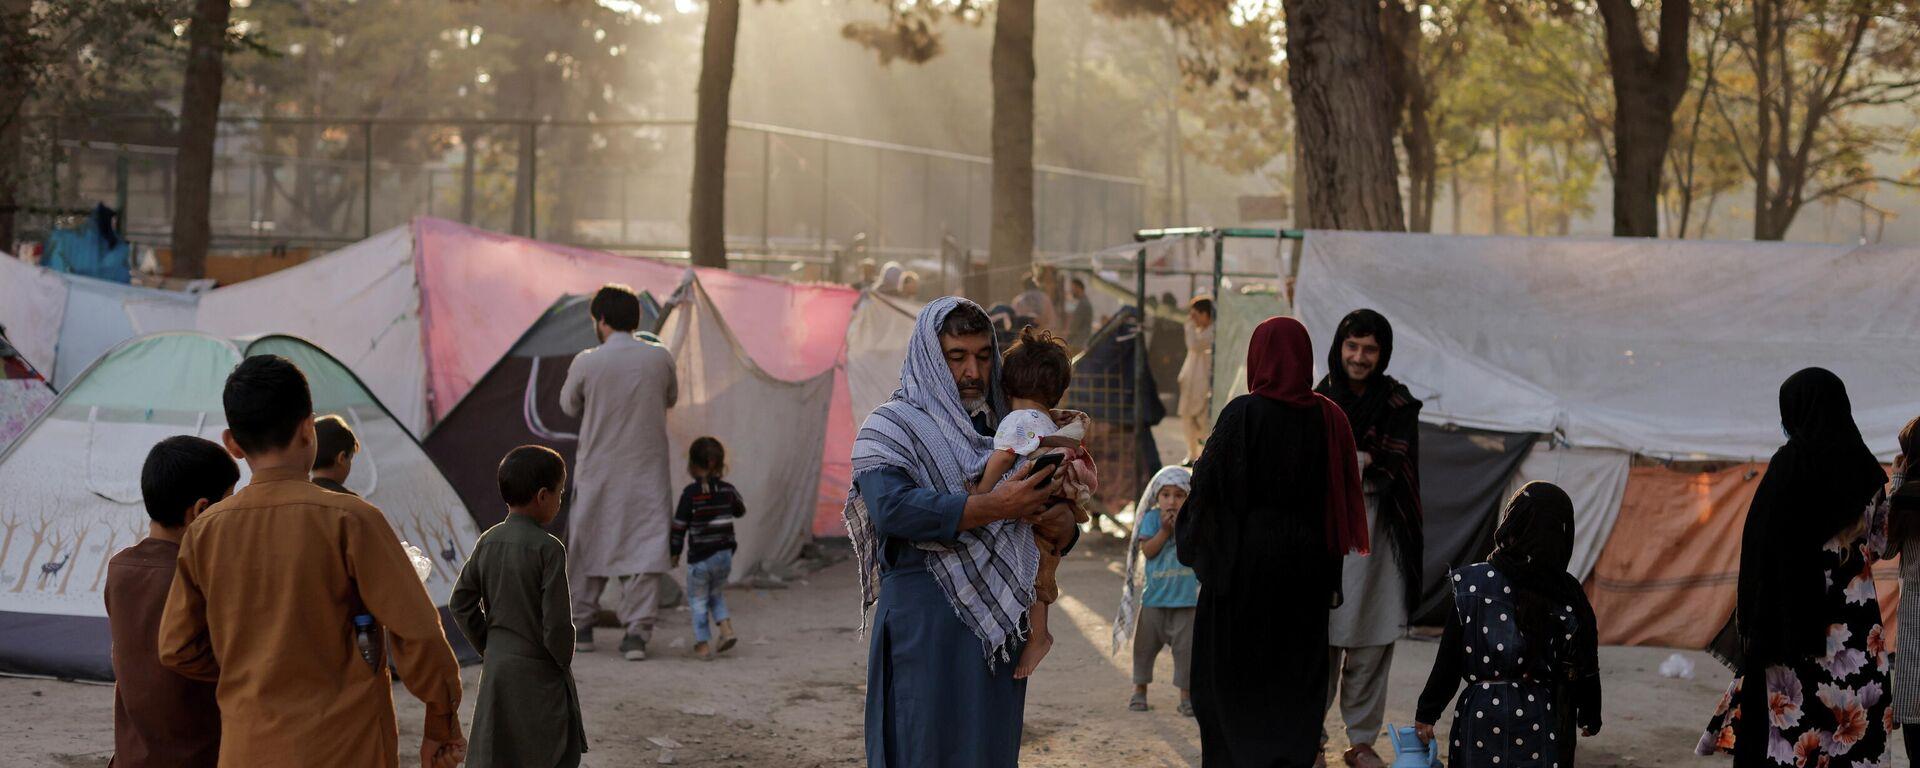 Familias afganas desplazadas, que huyen de la violencia en sus provincias, cerca de tiendas de campaña en el parque Shahr-e Naw, en Kabul, Afganistán, 4 de octubre de 2021 - Sputnik Mundo, 1920, 04.10.2021